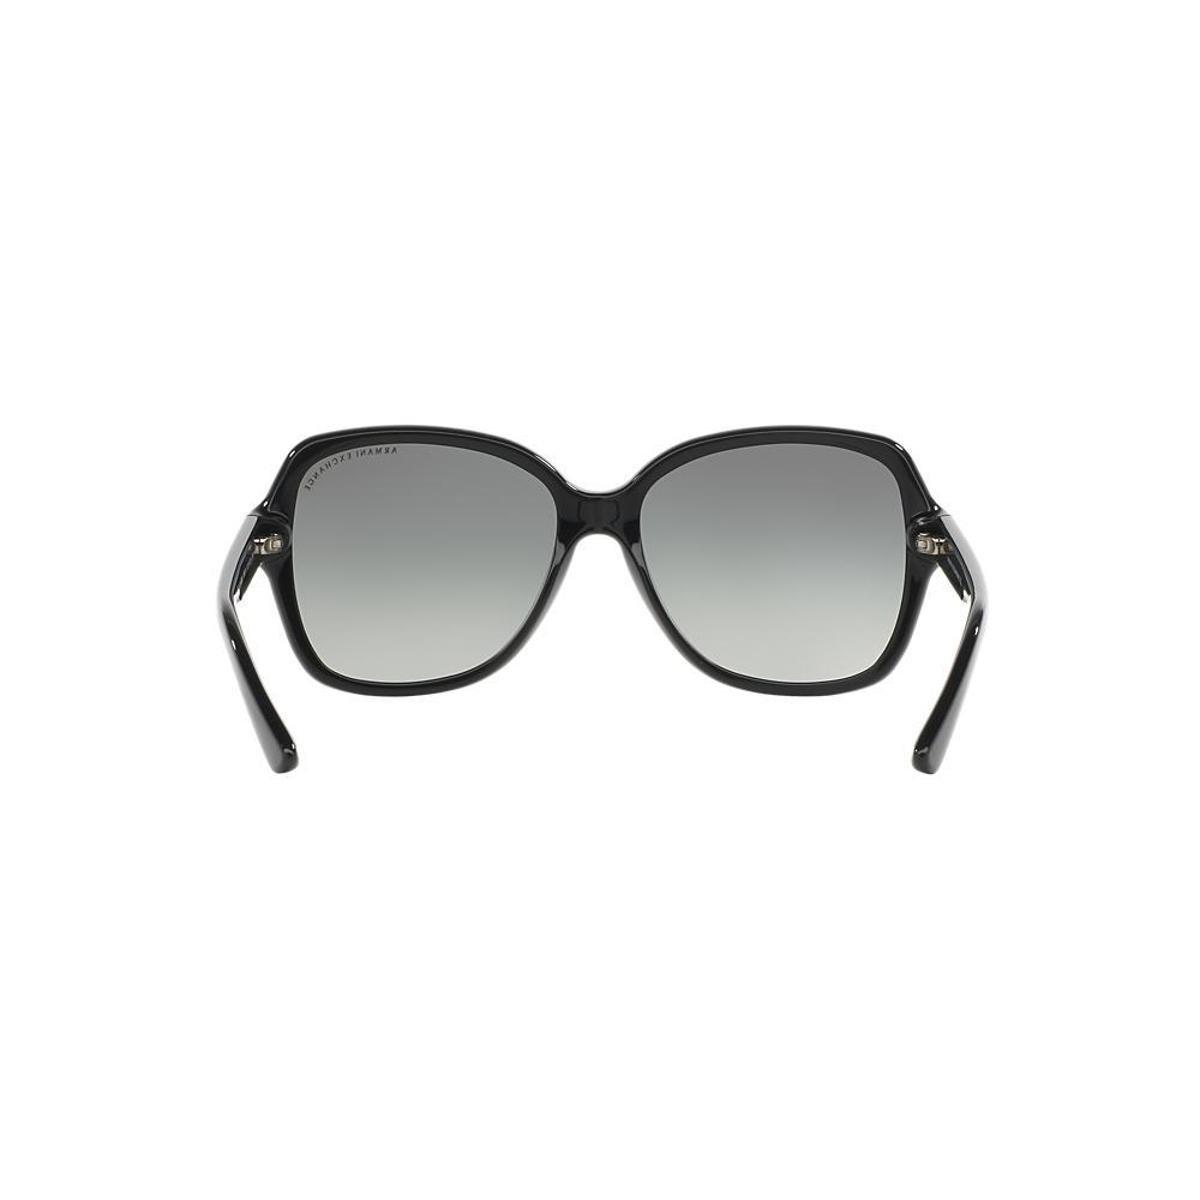 Óculos de Sol Armani Exchange Borboleta AX4029S Feminino - Compre ... a3a926a6ee